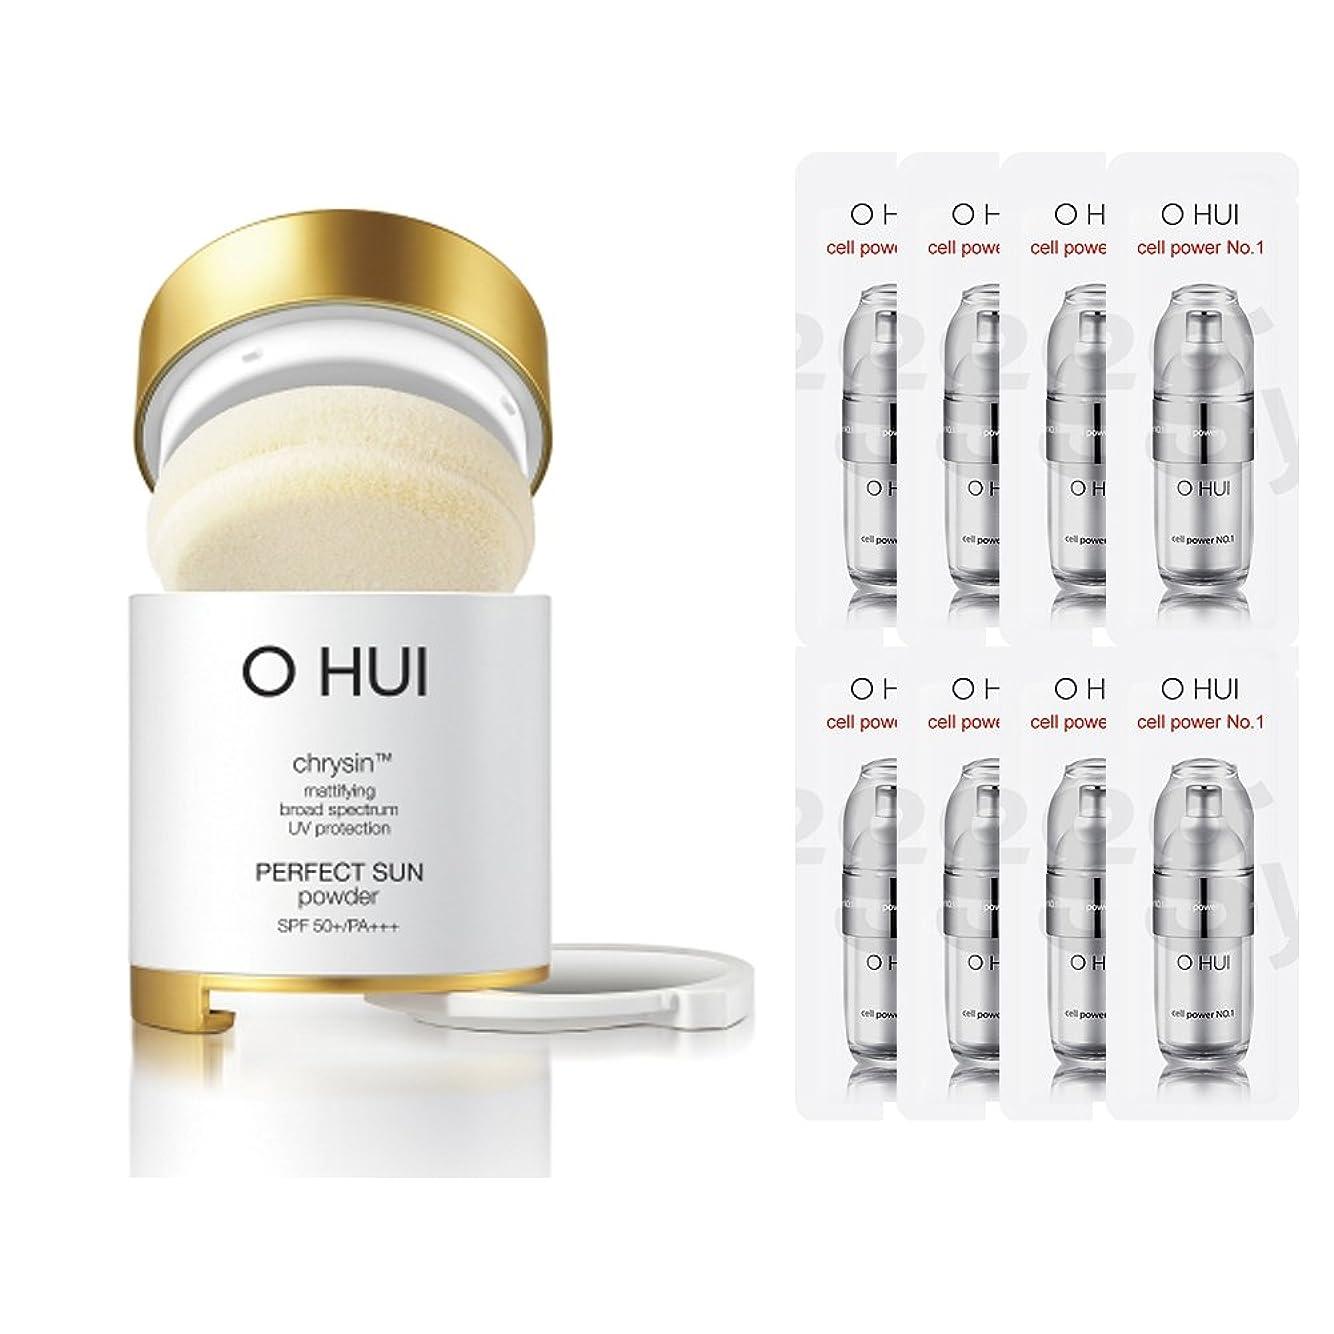 コロニー理想的にはダルセットOHUI/オフィ2015年 パーフェクトサンパウダー (OHUI Version Perfect Sun Powder SPF50++PA+++ Special Gift set) スポット [海外直送品] (2号ベージュ)